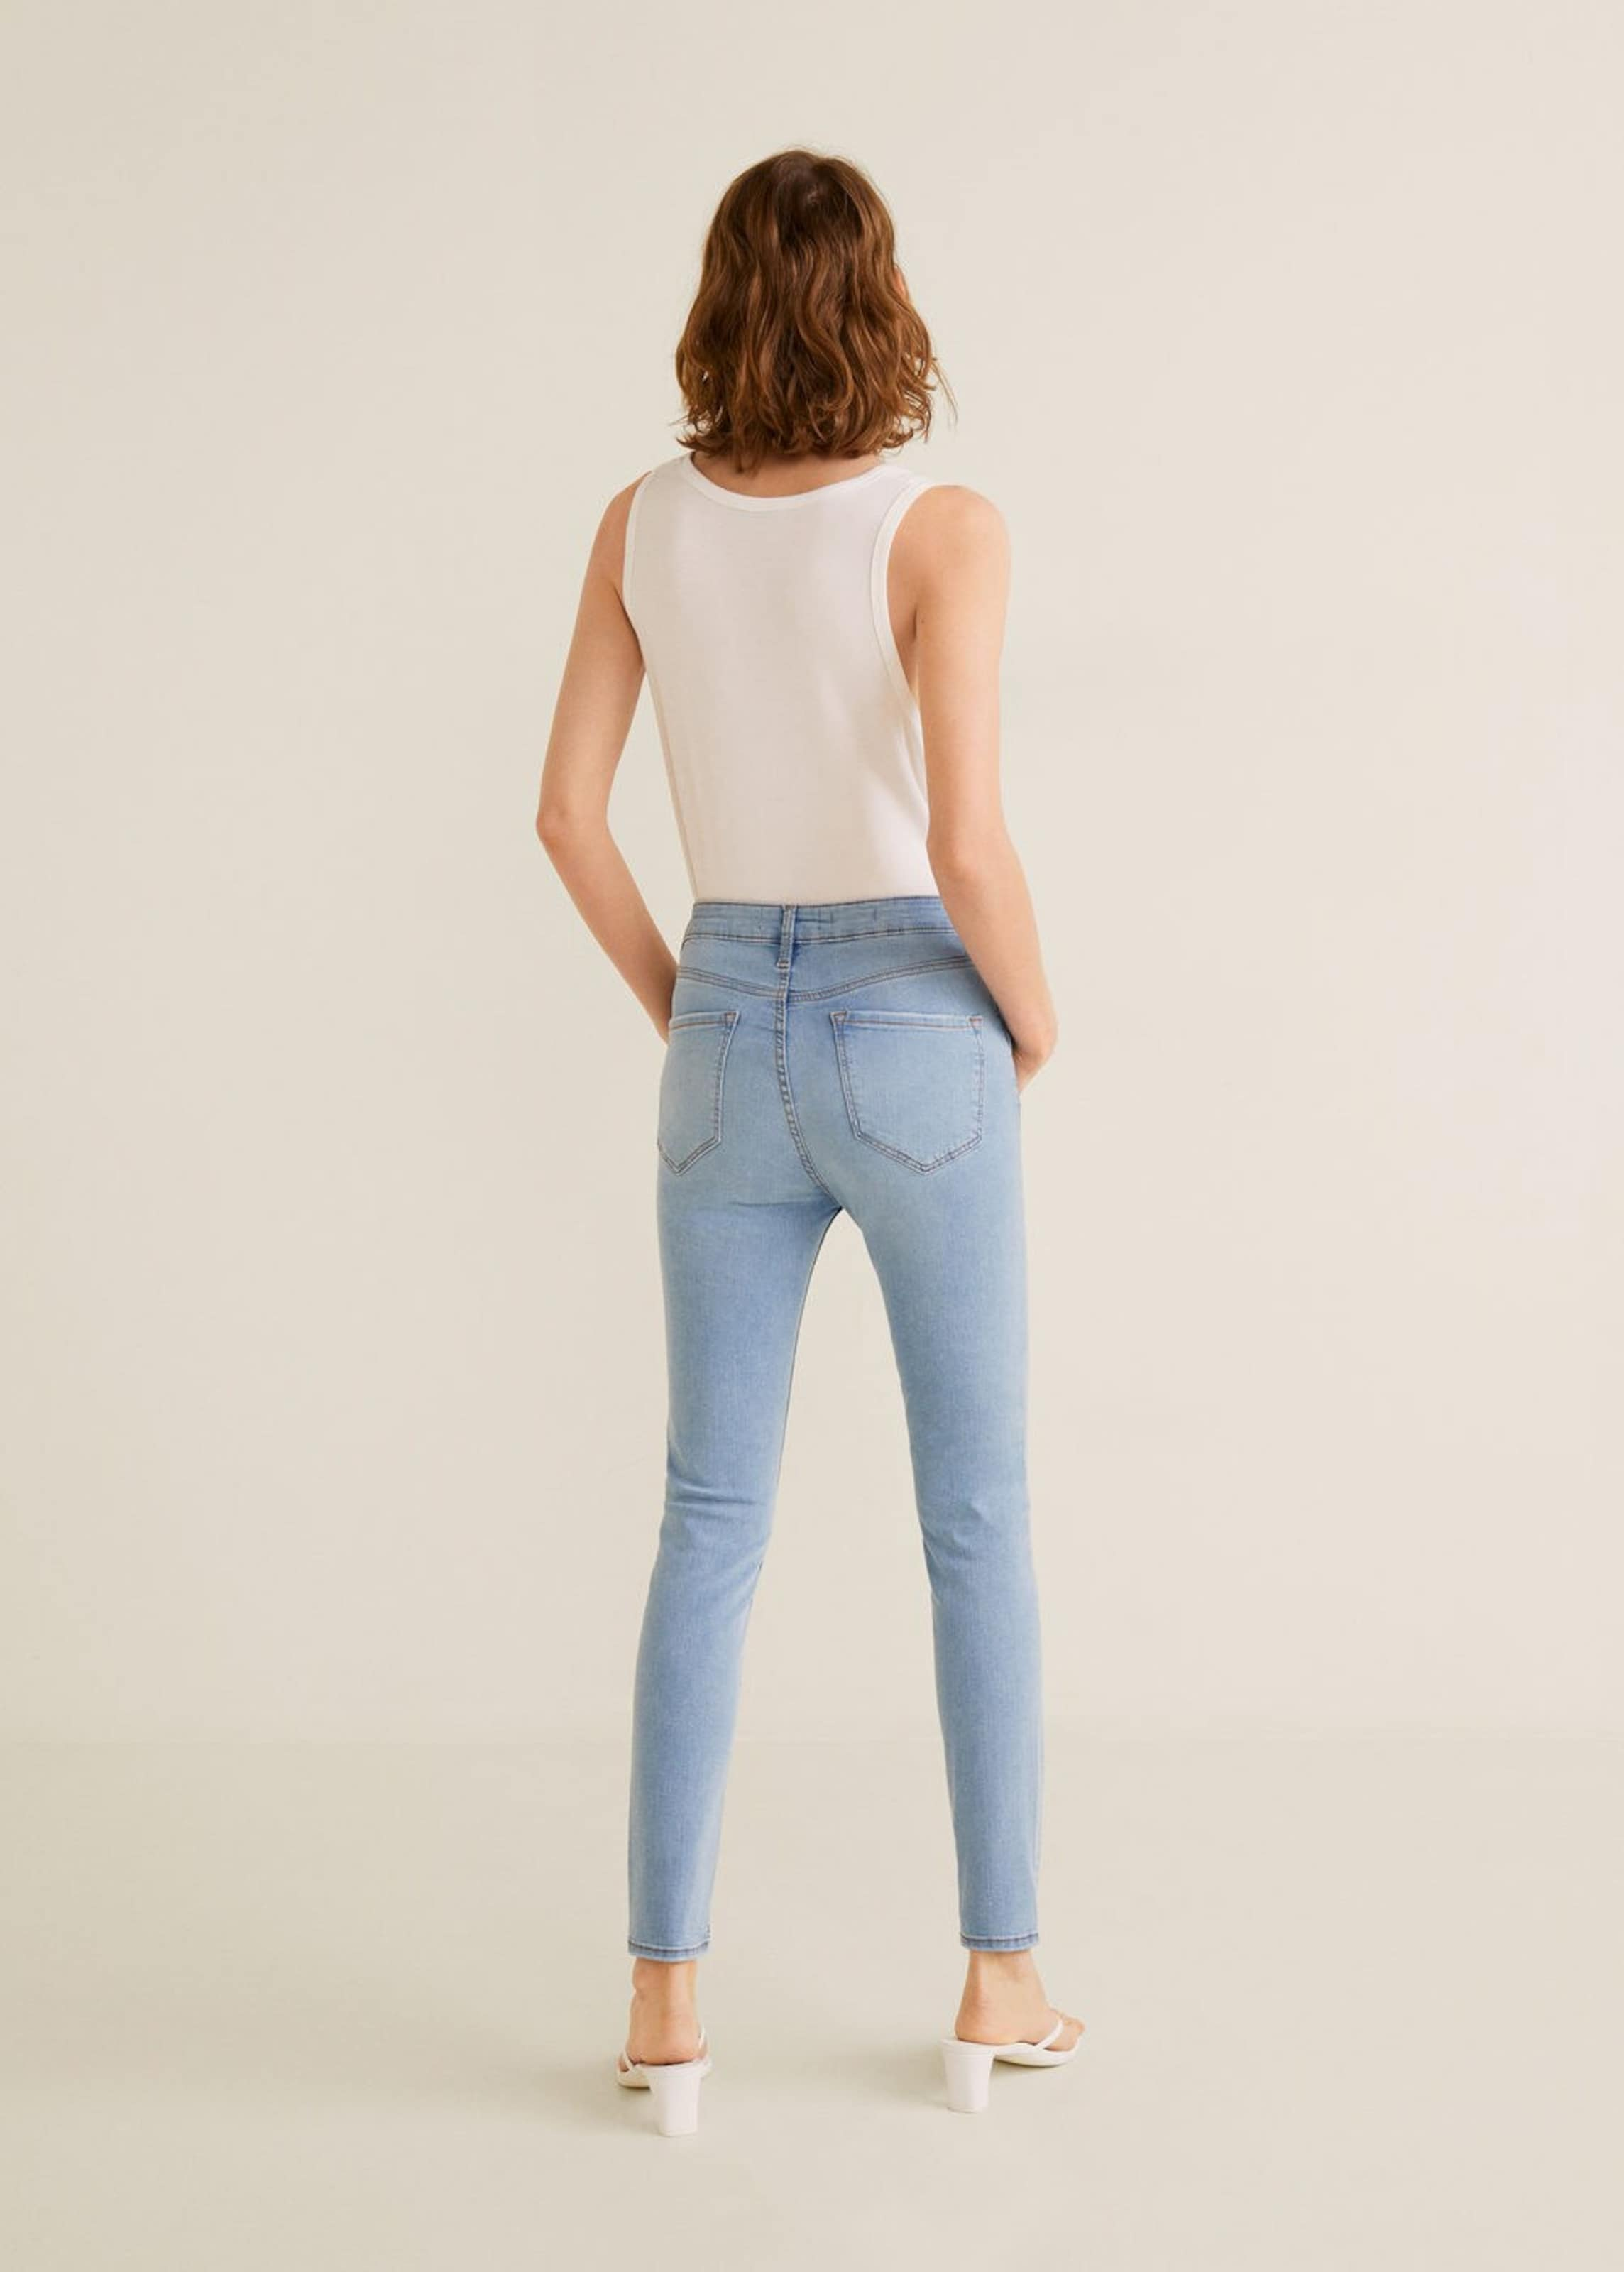 Jeans Mango 'noa' Blue Denim In Nv80wmn